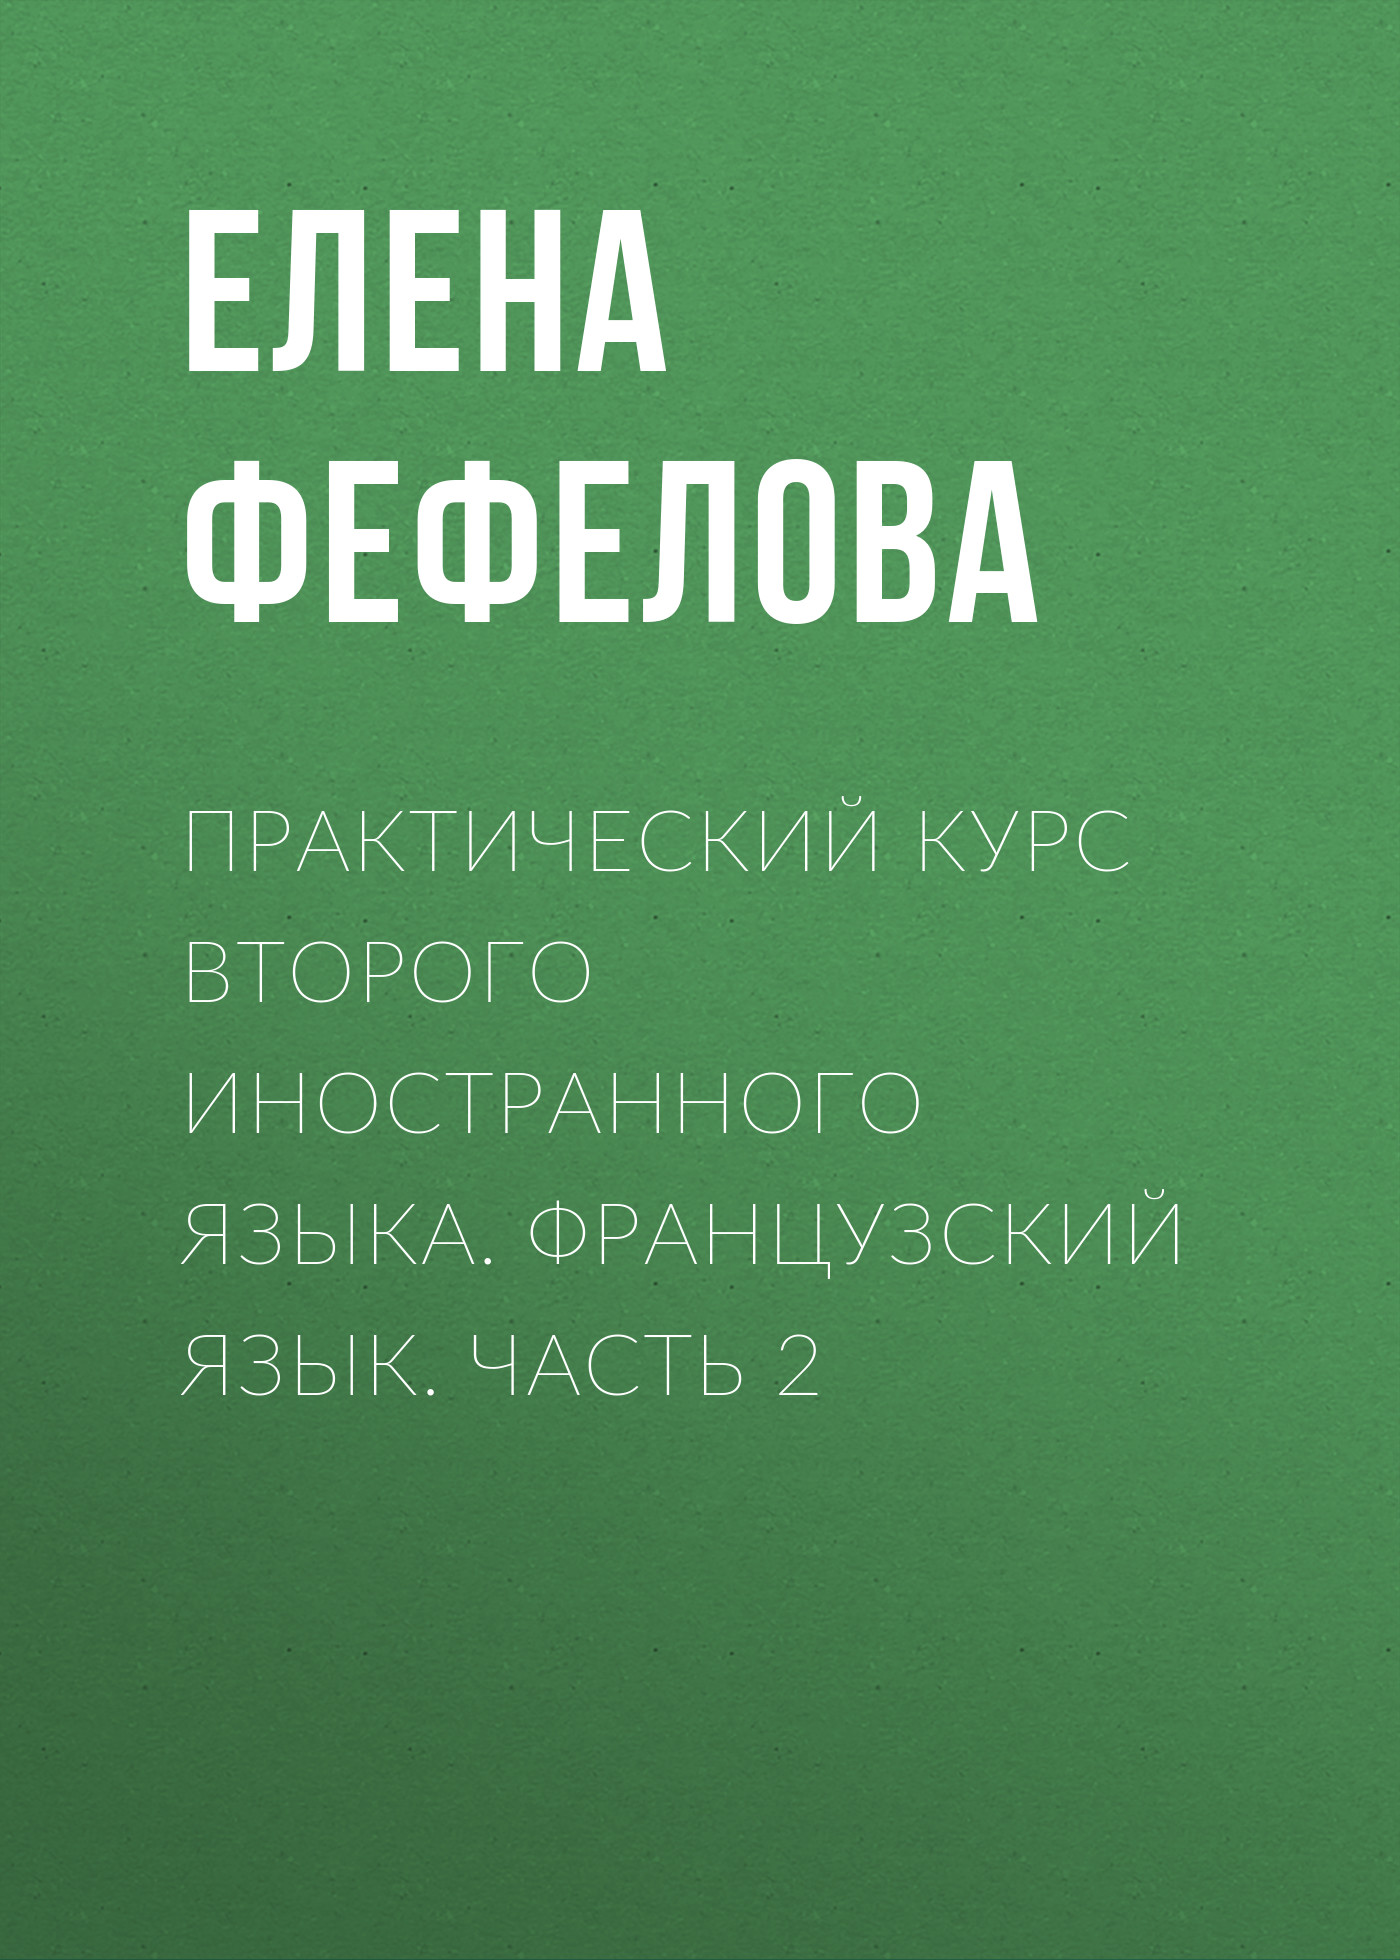 все цены на Елена Фефелова Практический курс второго иностранного языка. Французский язык. Часть 2 онлайн